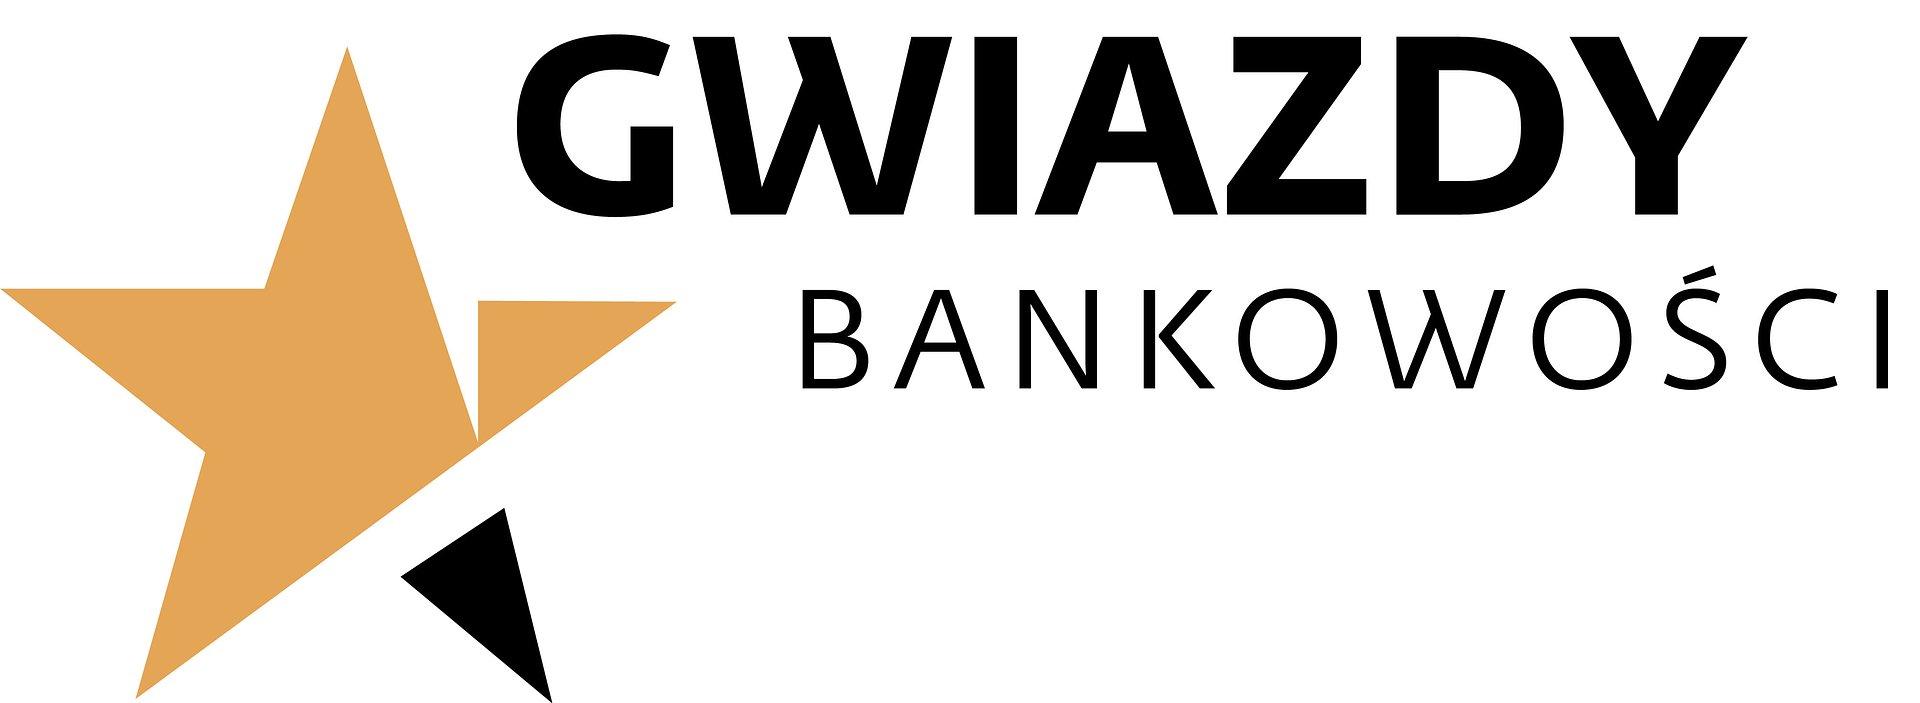 PKO Bank Polski Gwiazdą Stabilności